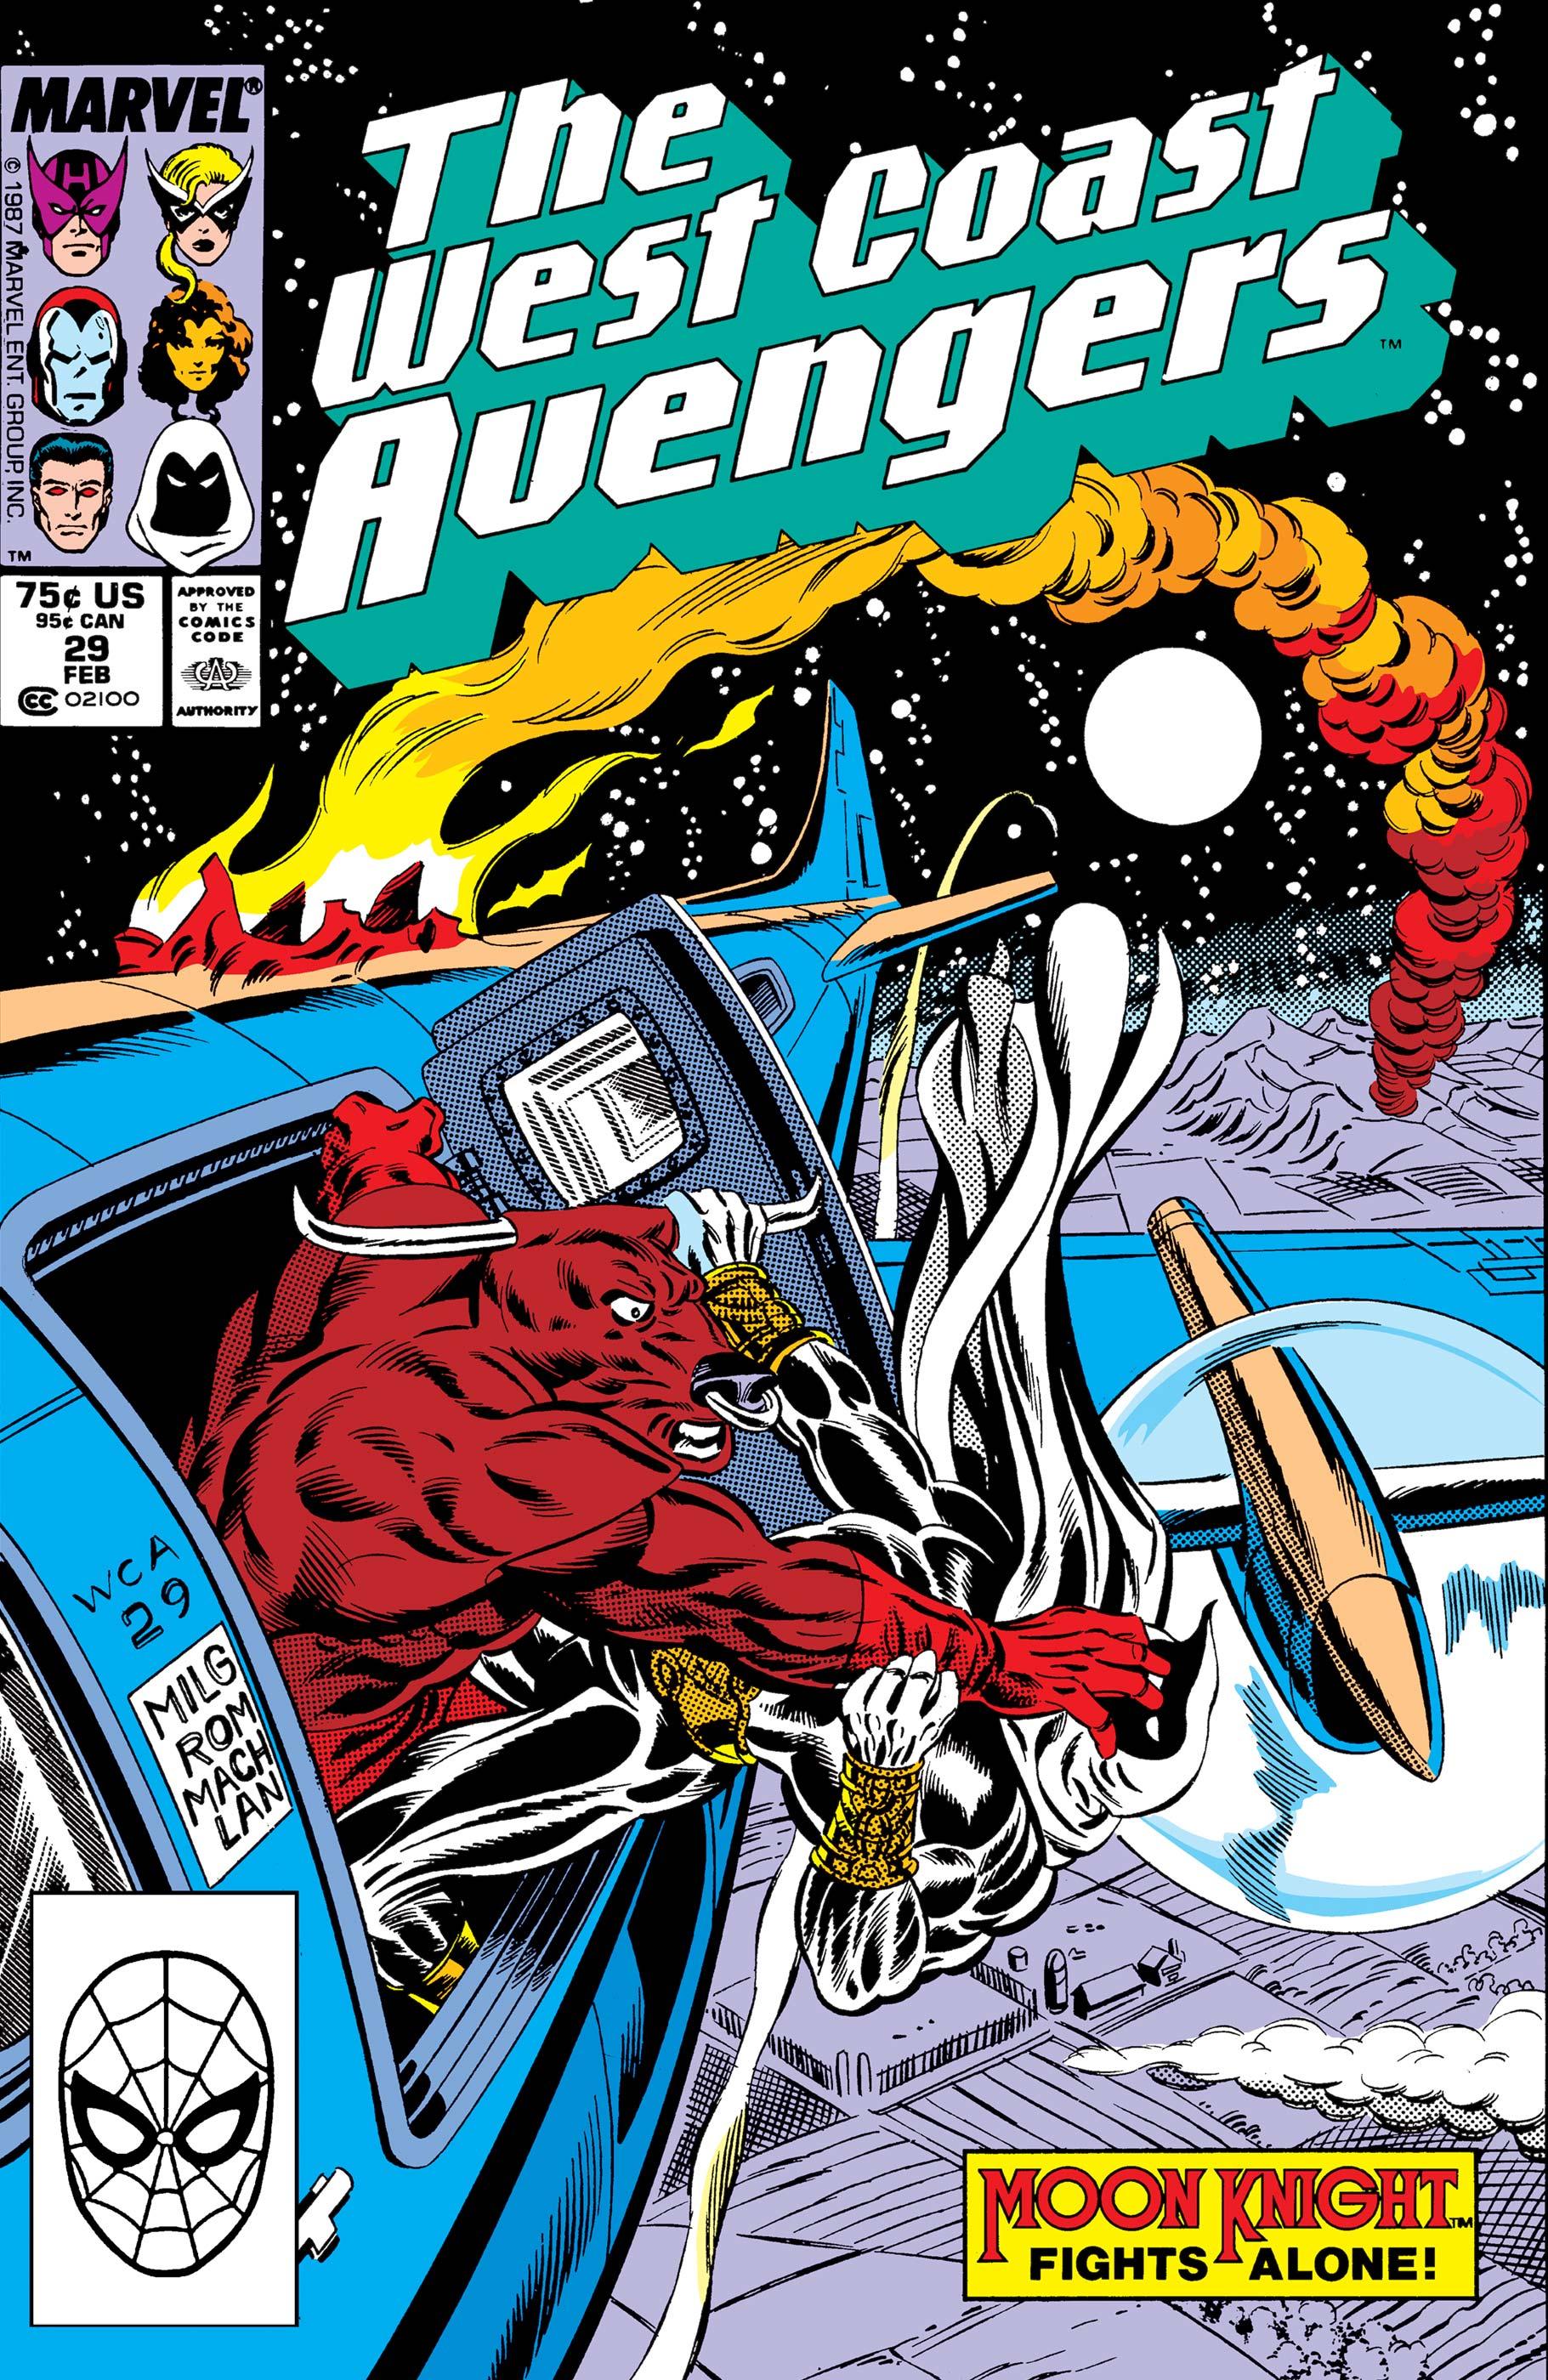 West Coast Avengers (1985) #29